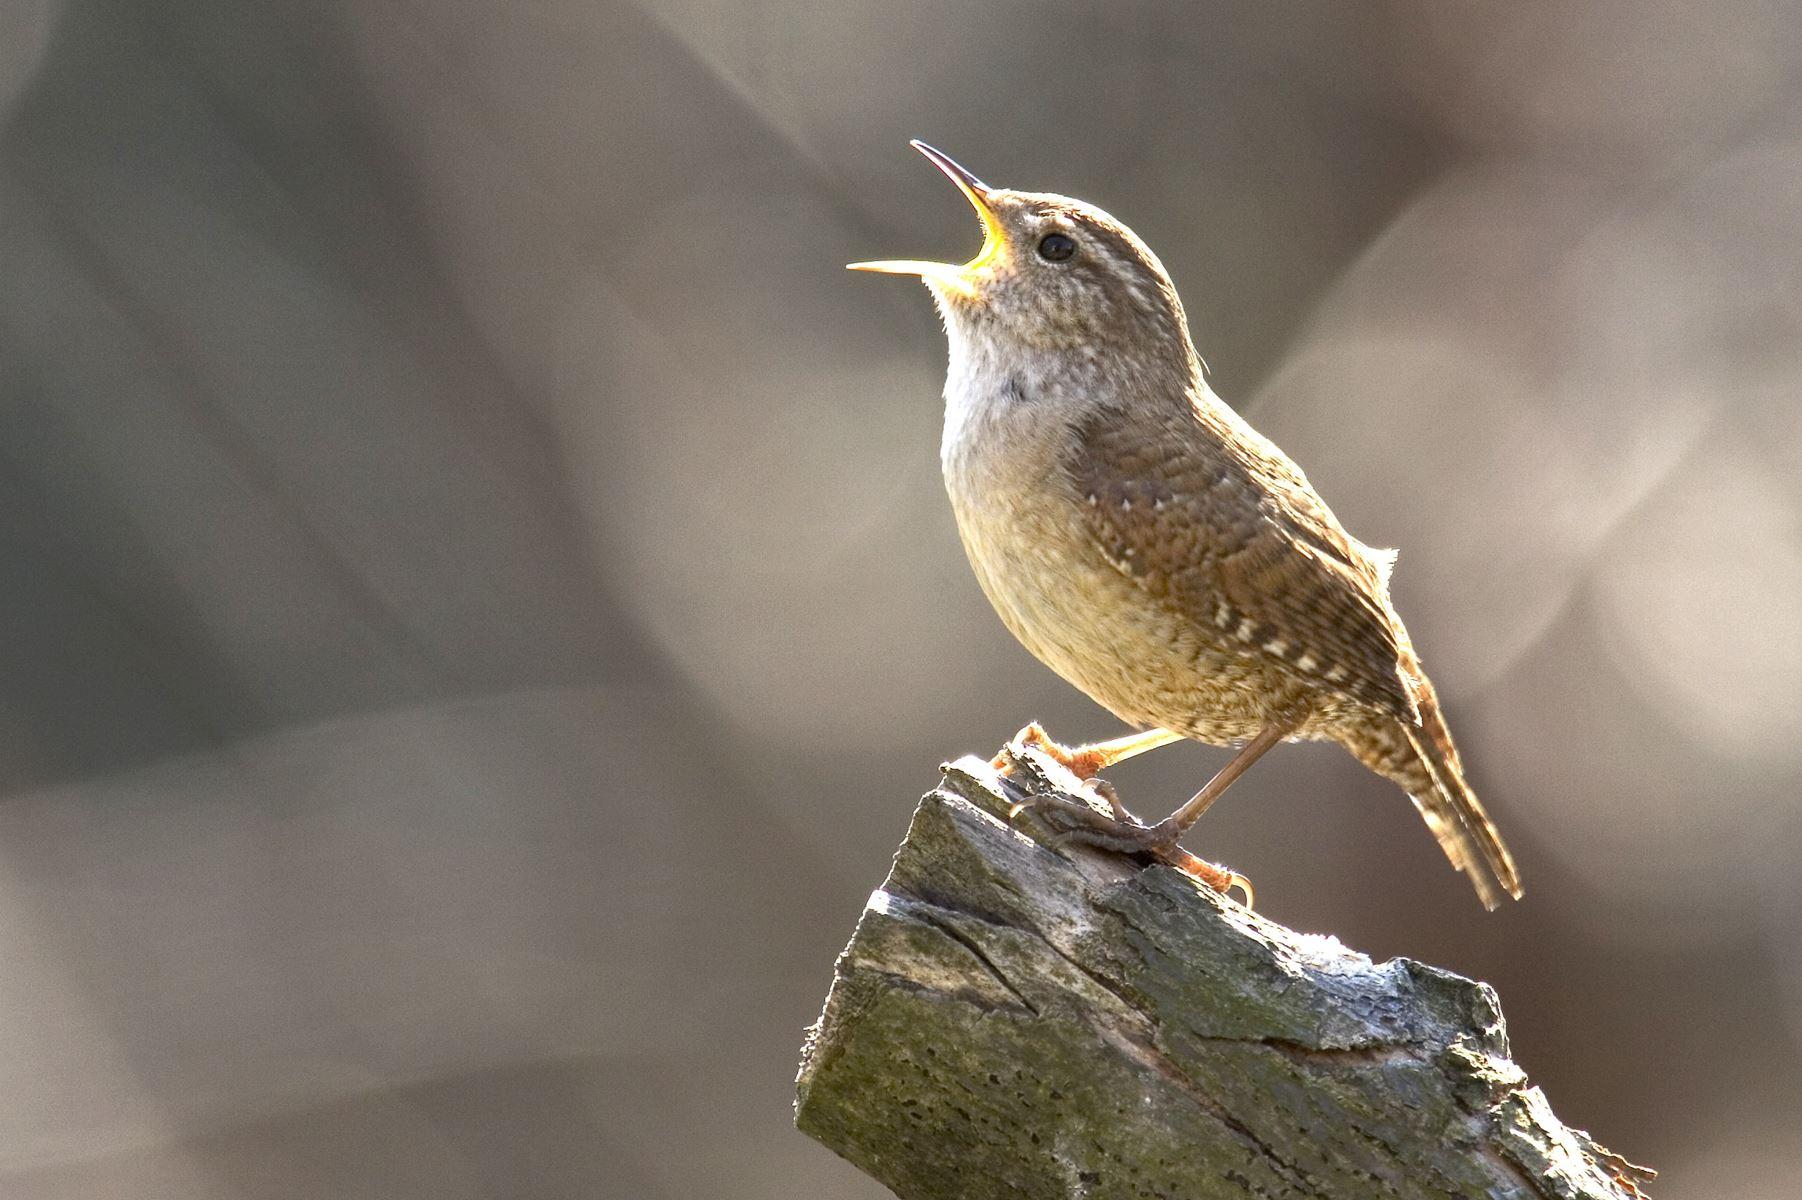 Forårets fuglekvidder bliver formentlig lidt fattigere, da kulden kan gøre det af med mange småfugle.